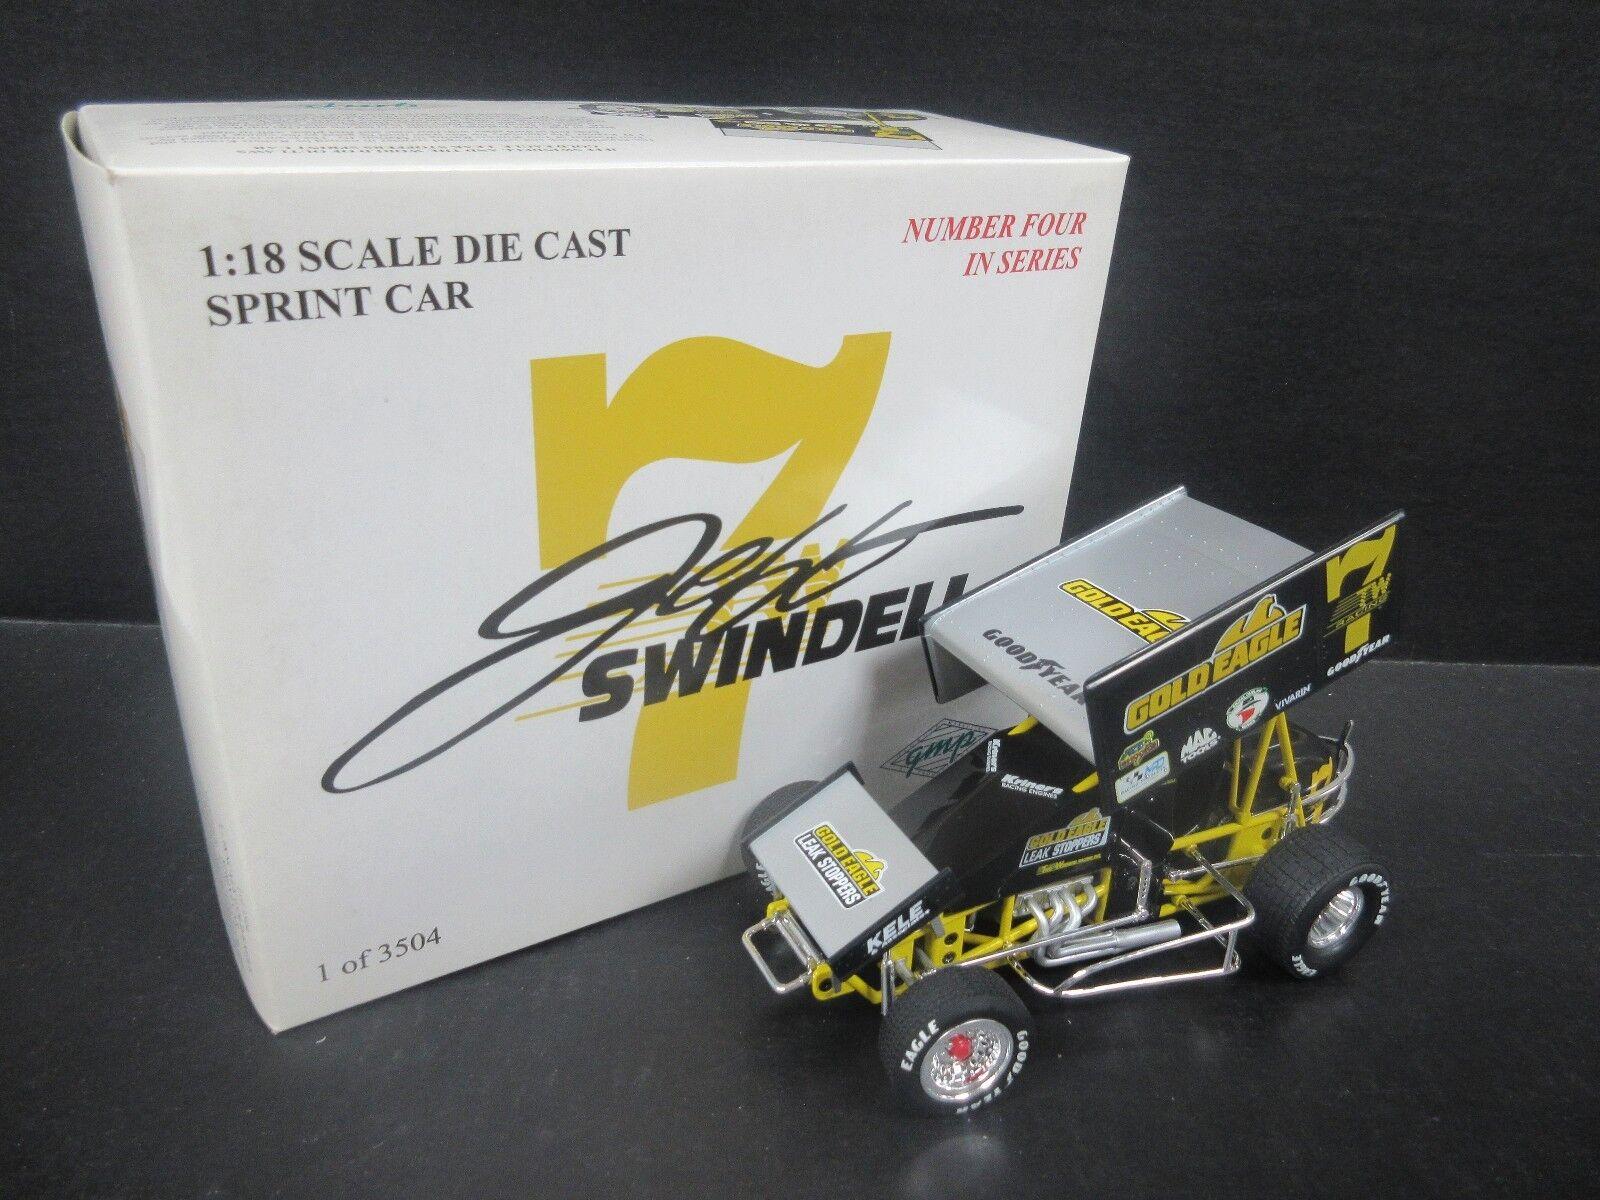 7TW Jeff Swindell  oro Eagle  1 18th coche escala Sprint